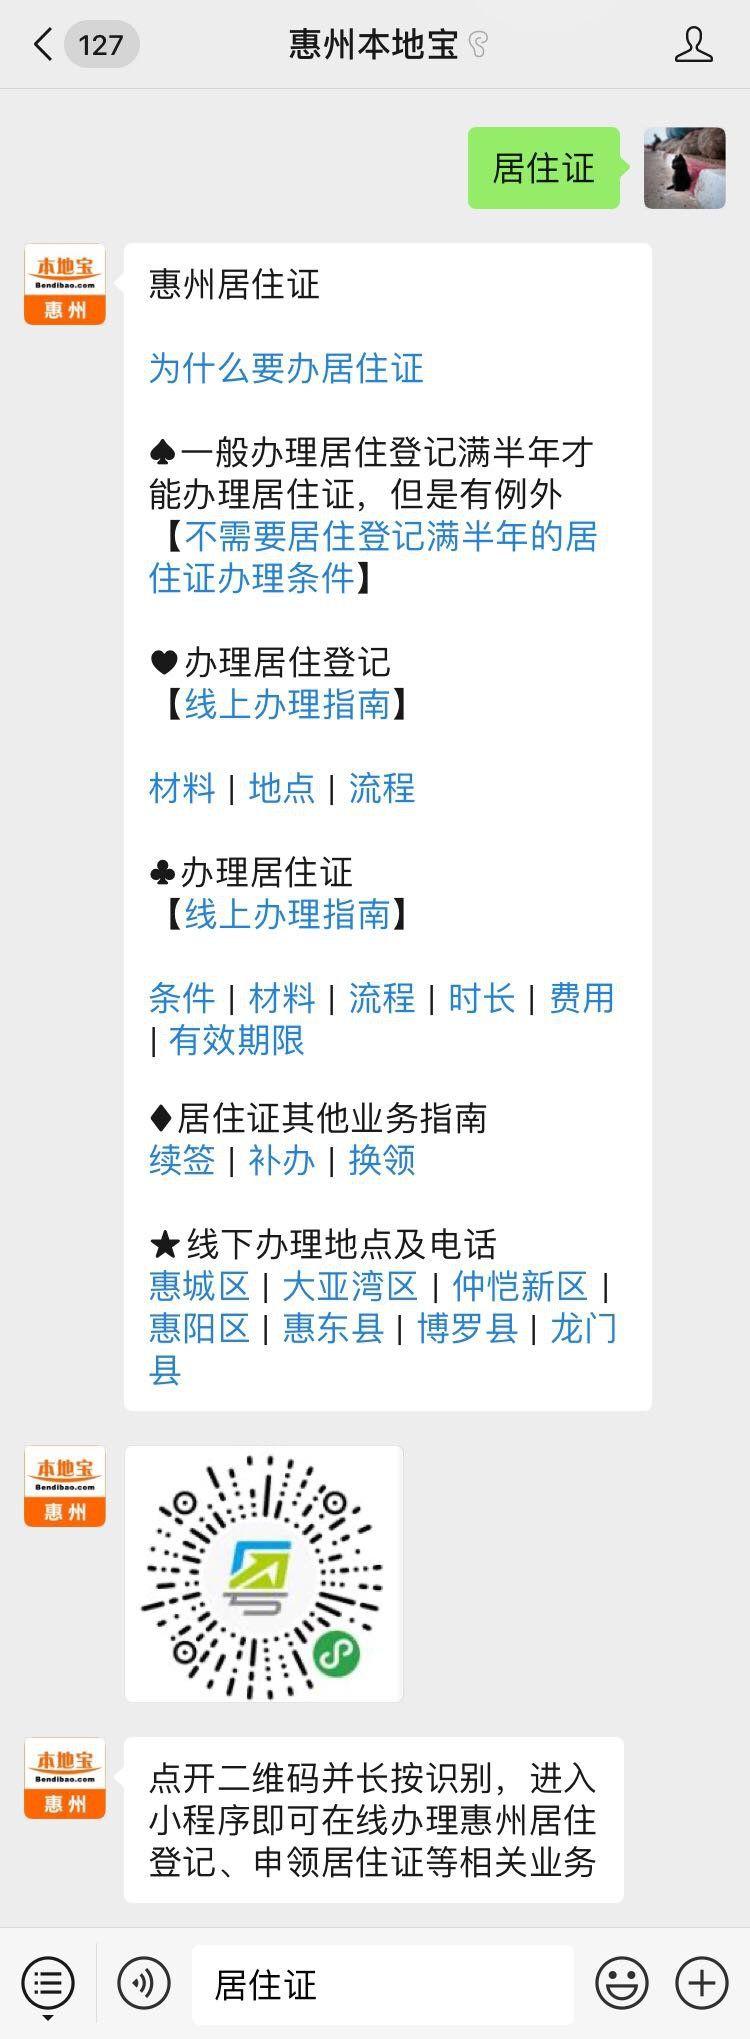 惠州居住证换领指南(条件/材料/费用)